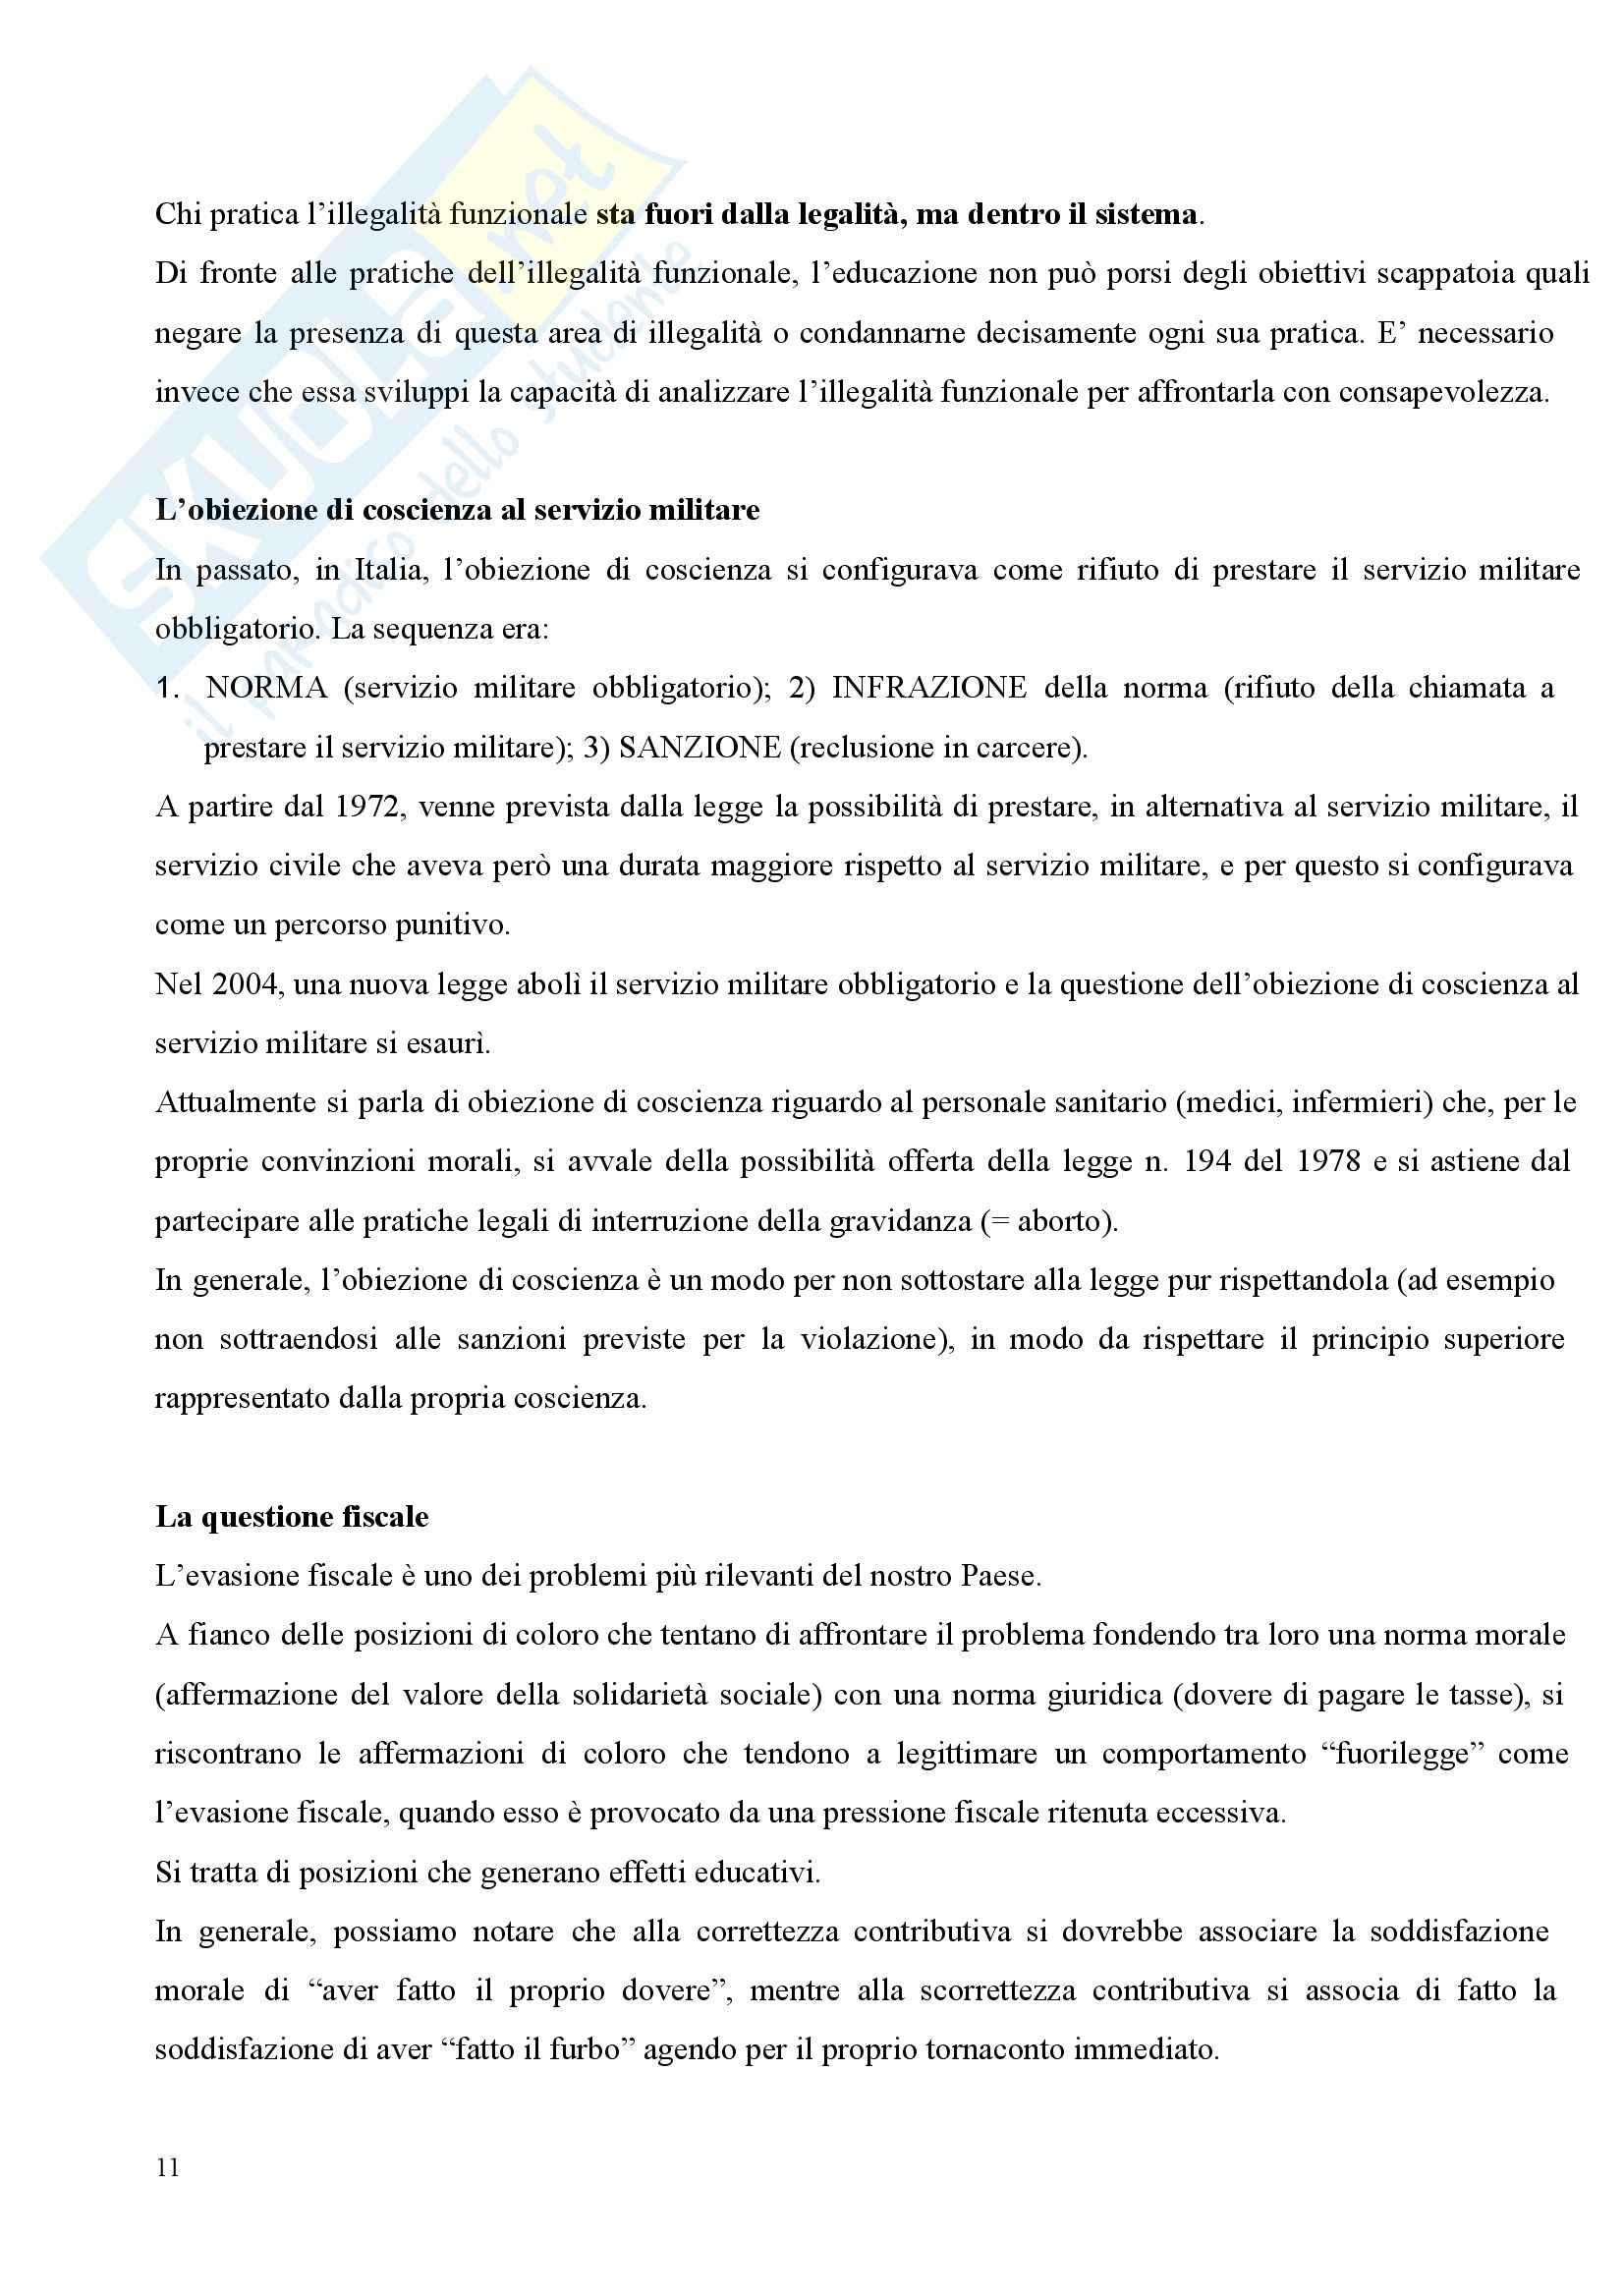 Riassunto esame Pedagogia Sociale, prof. Tramma, libro consigliato Legalità Illegalità: Il Confine Pedagogico Pag. 11